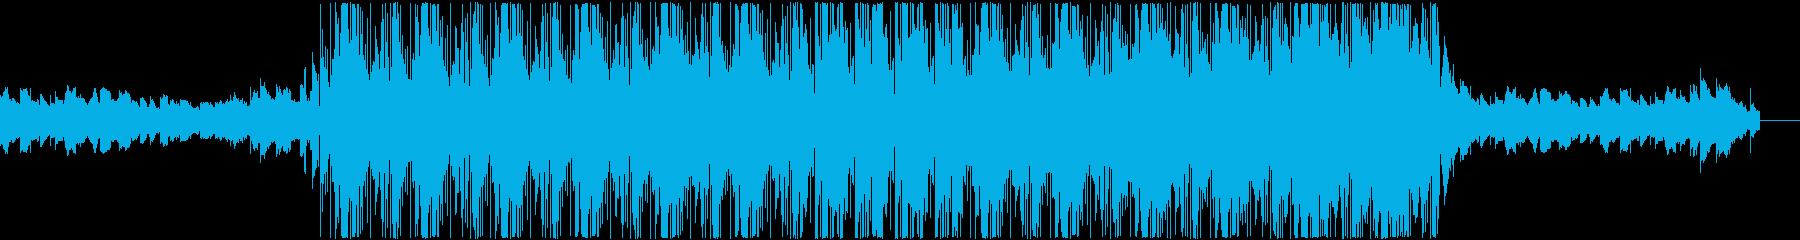 チルアウト ダーク感のあるヒップホップの再生済みの波形